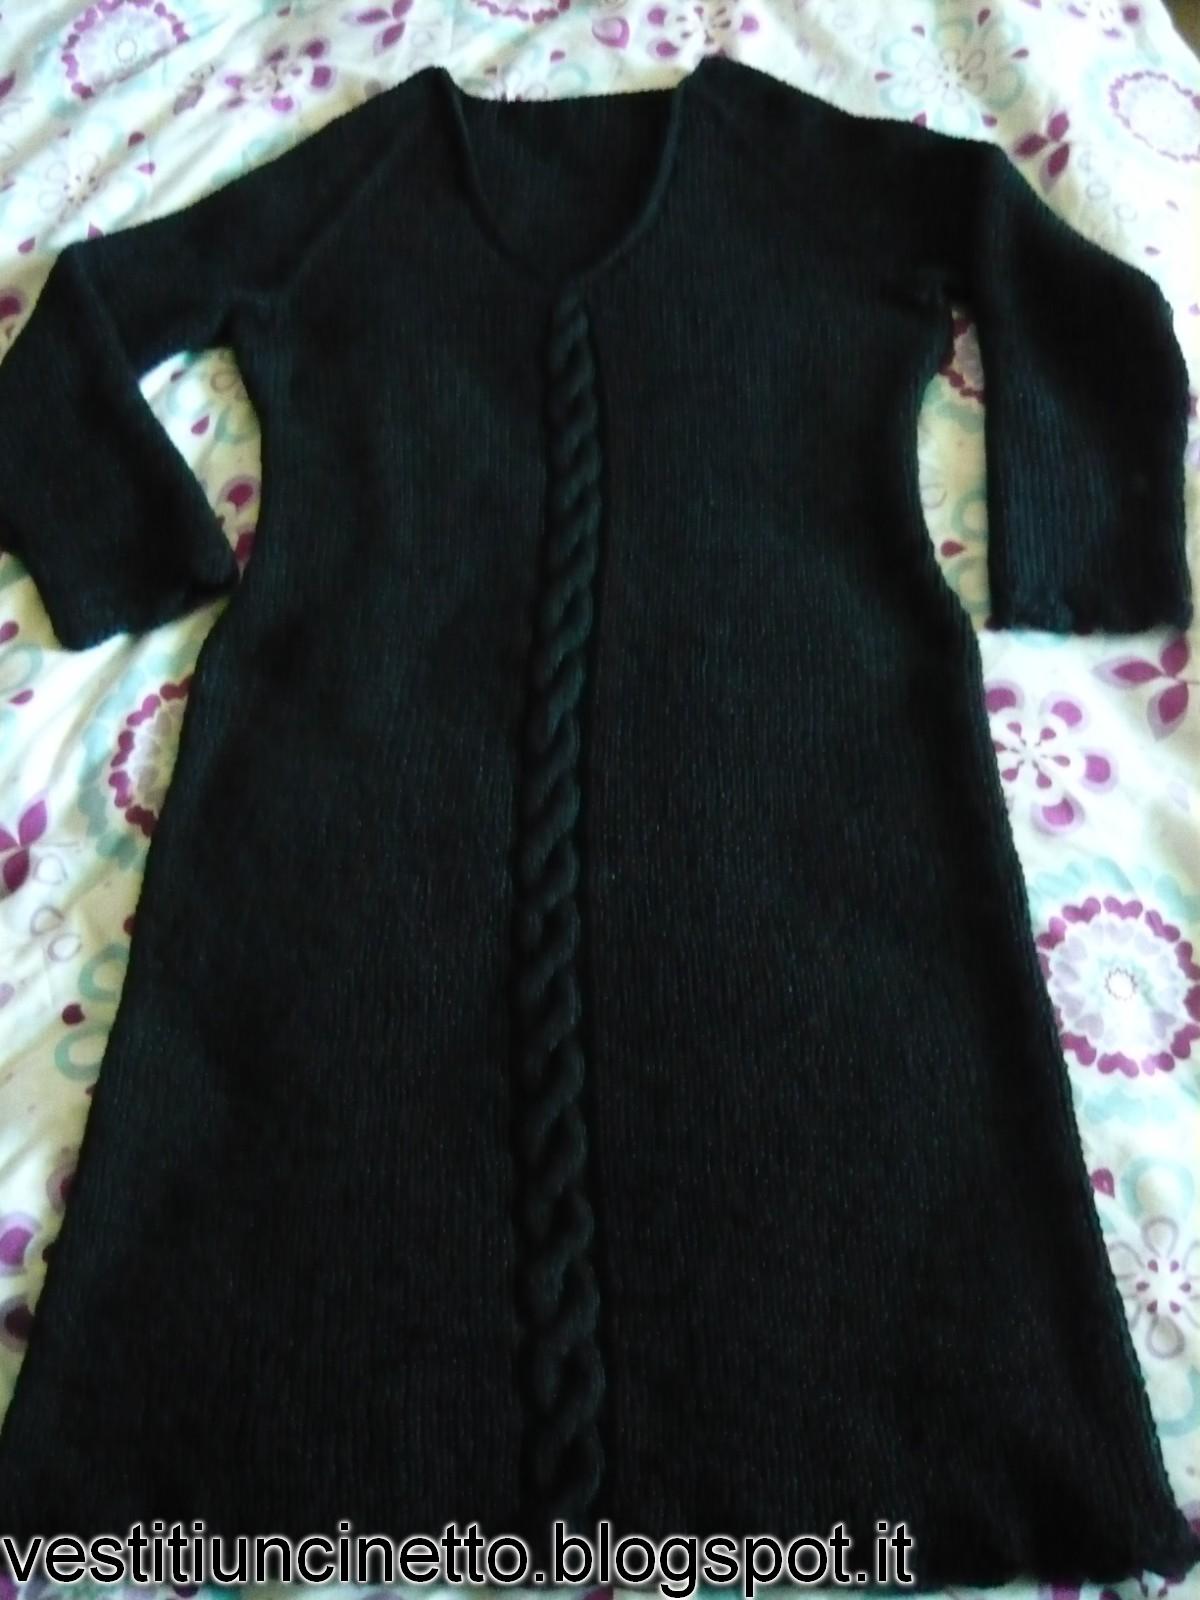 Ben noto Vestiti uncinetto e ferri: abito donna GT97